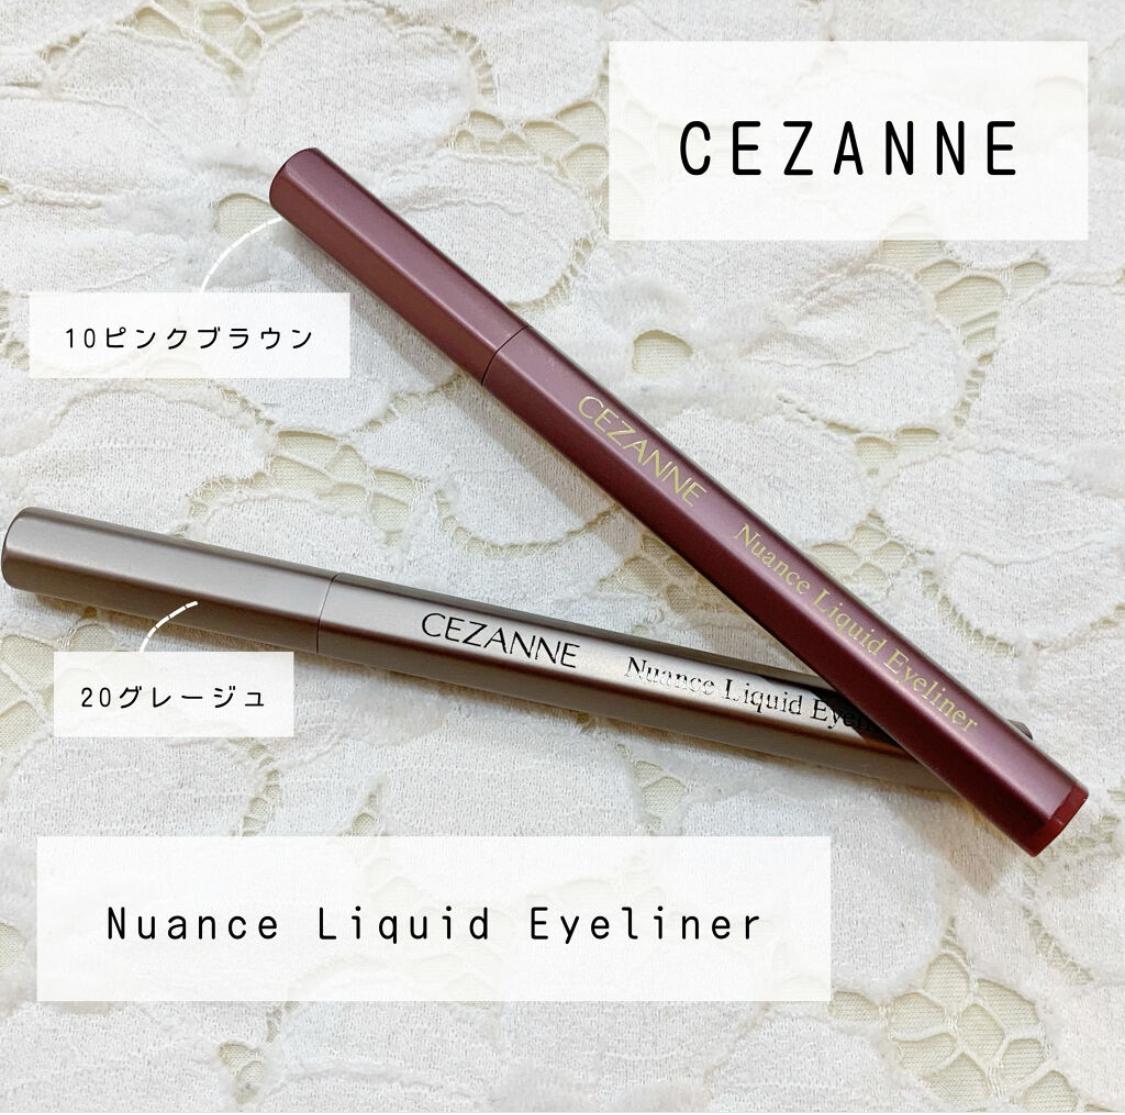 CEZANNE(セザンヌ)ニュアンスリキッドアイライナーを使ったKeiさんのクチコミ画像